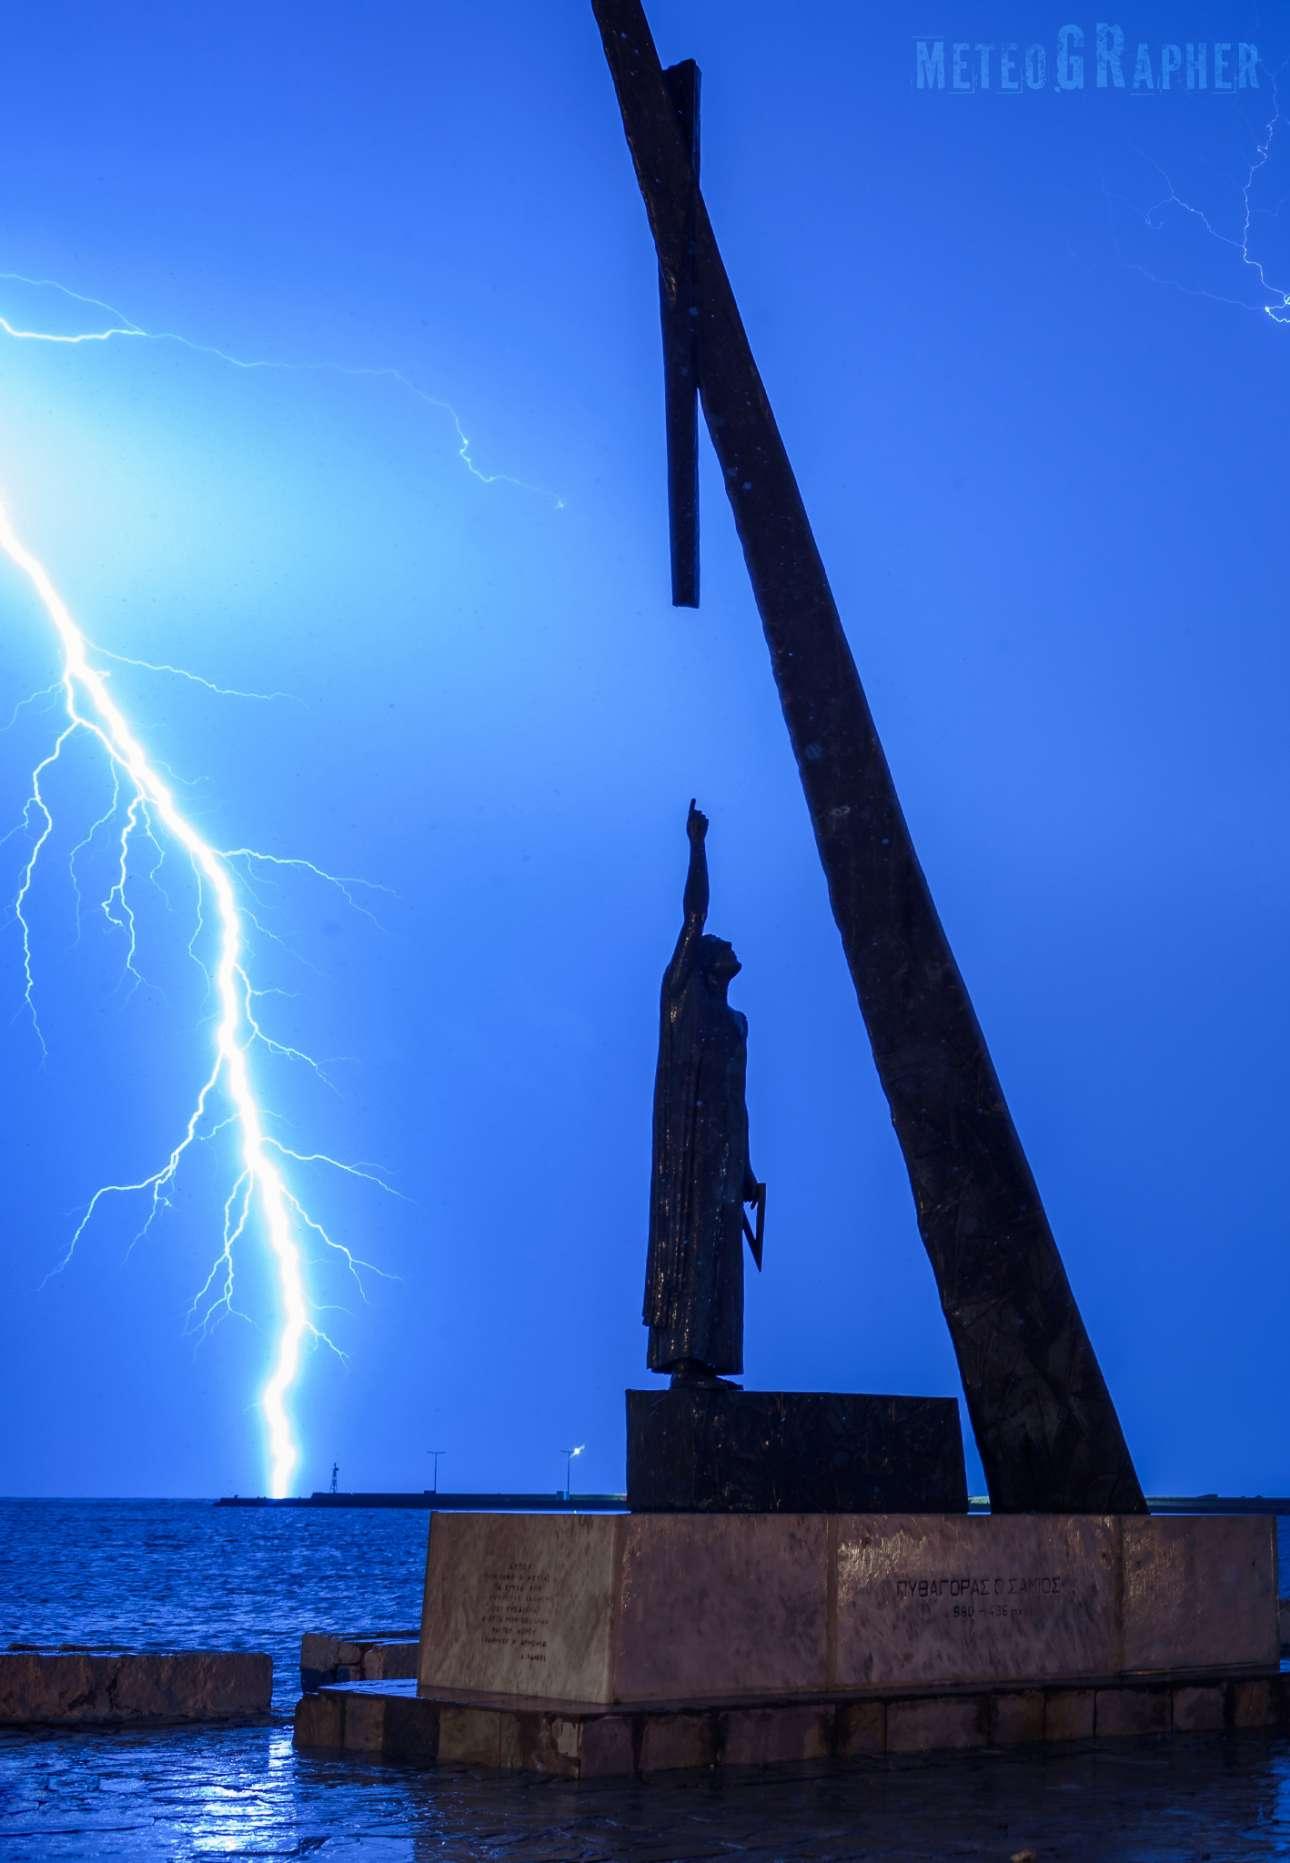 Το άγαλμα του Πυθαγόρα με φόντο έναν τεράστιο κεραυνό